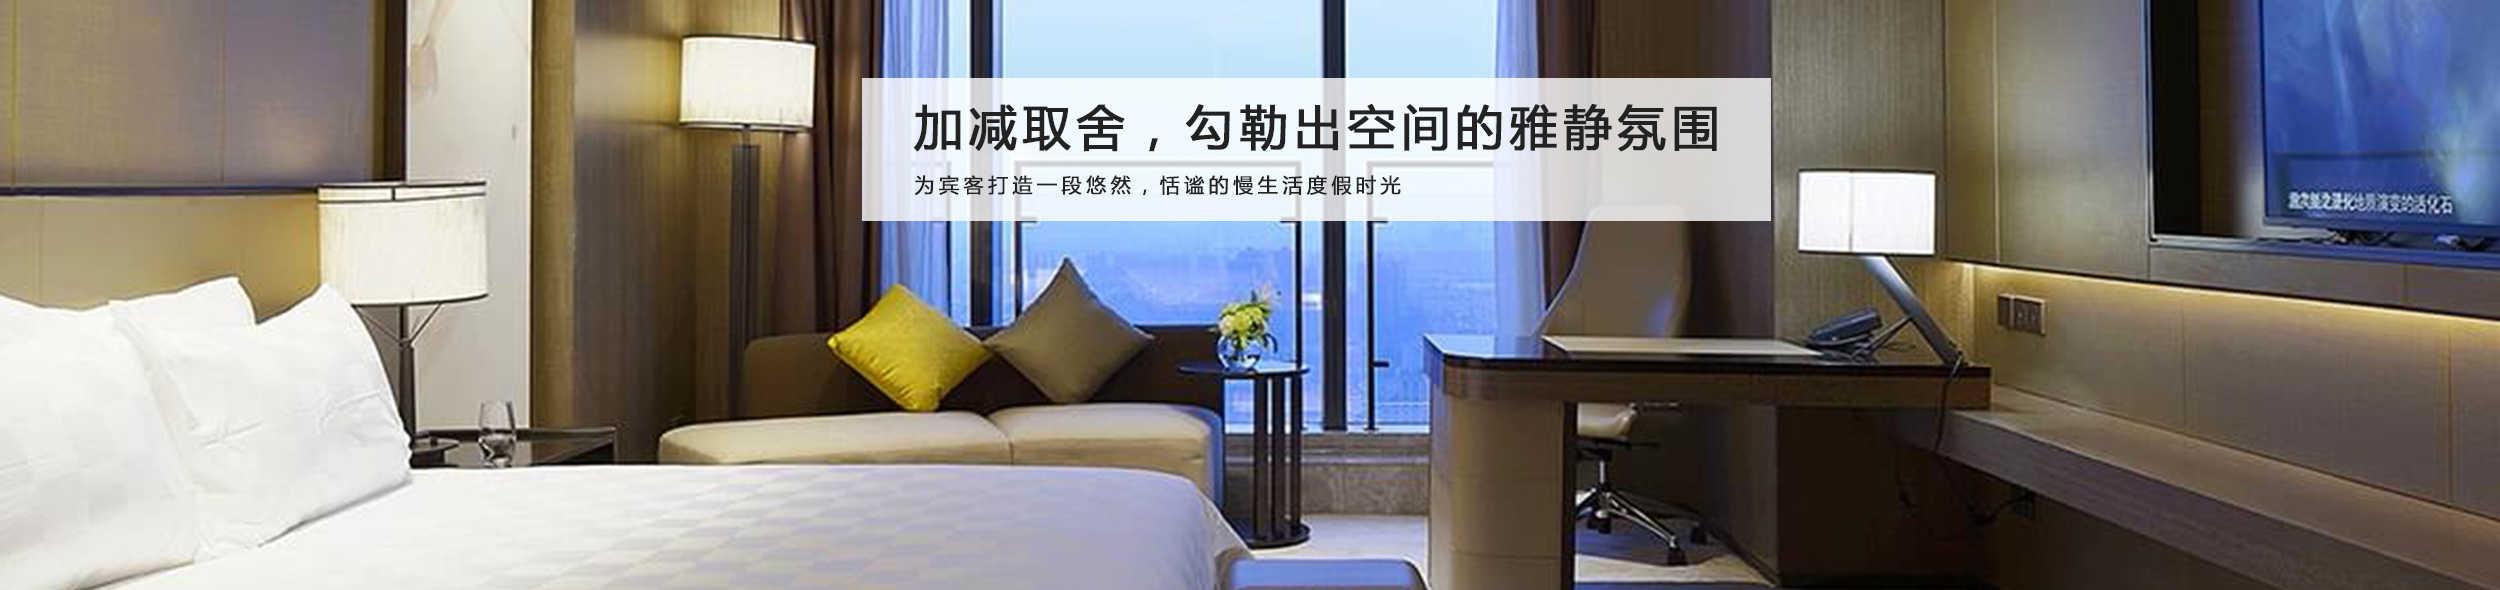 酒店专用床 酒店客房床定制